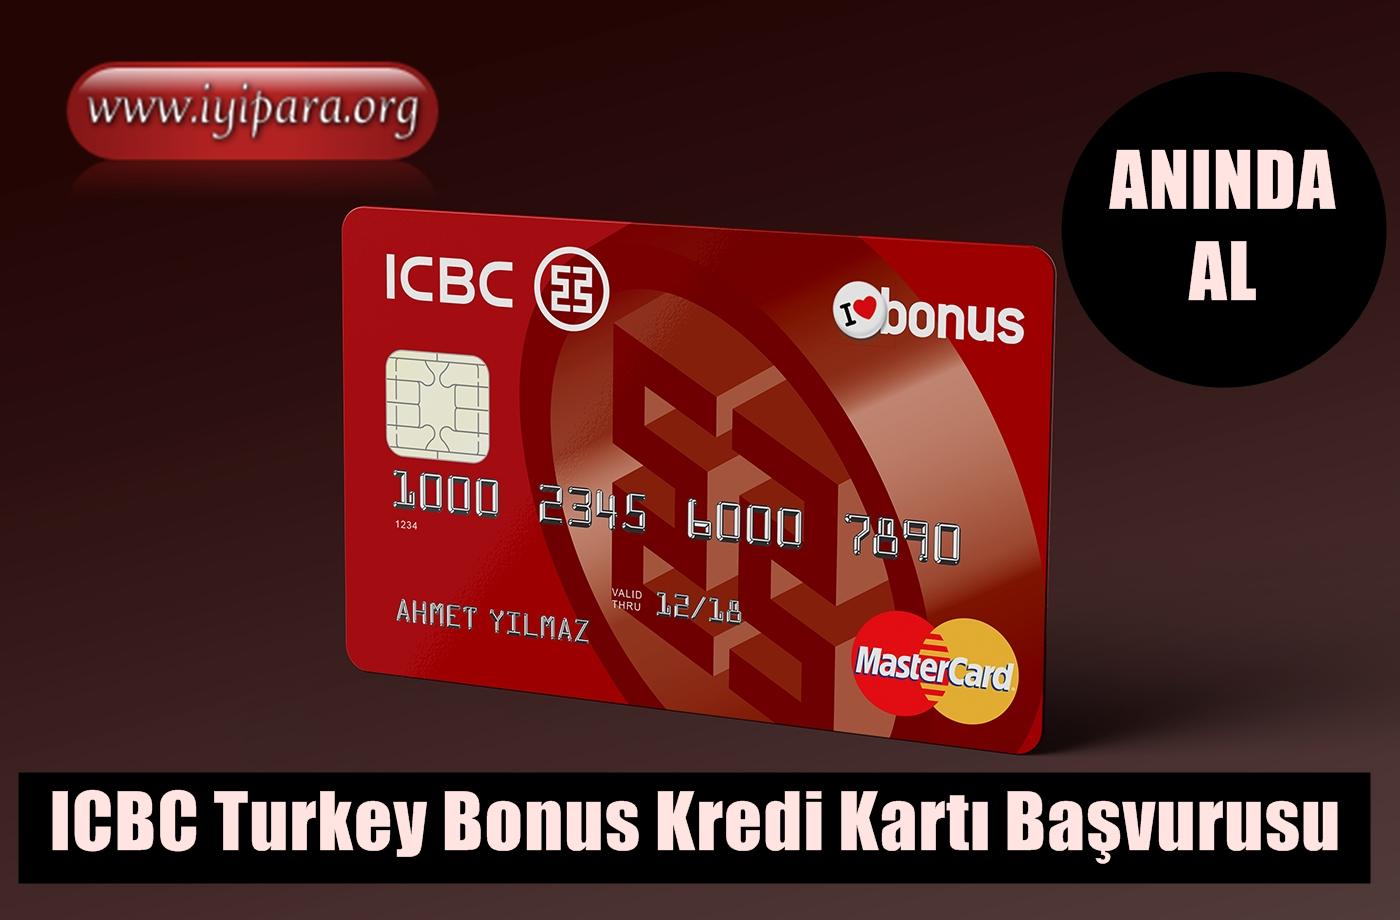 ICBC Turkey Bonus Kredi Kartı Başvurusu (Anında Al)